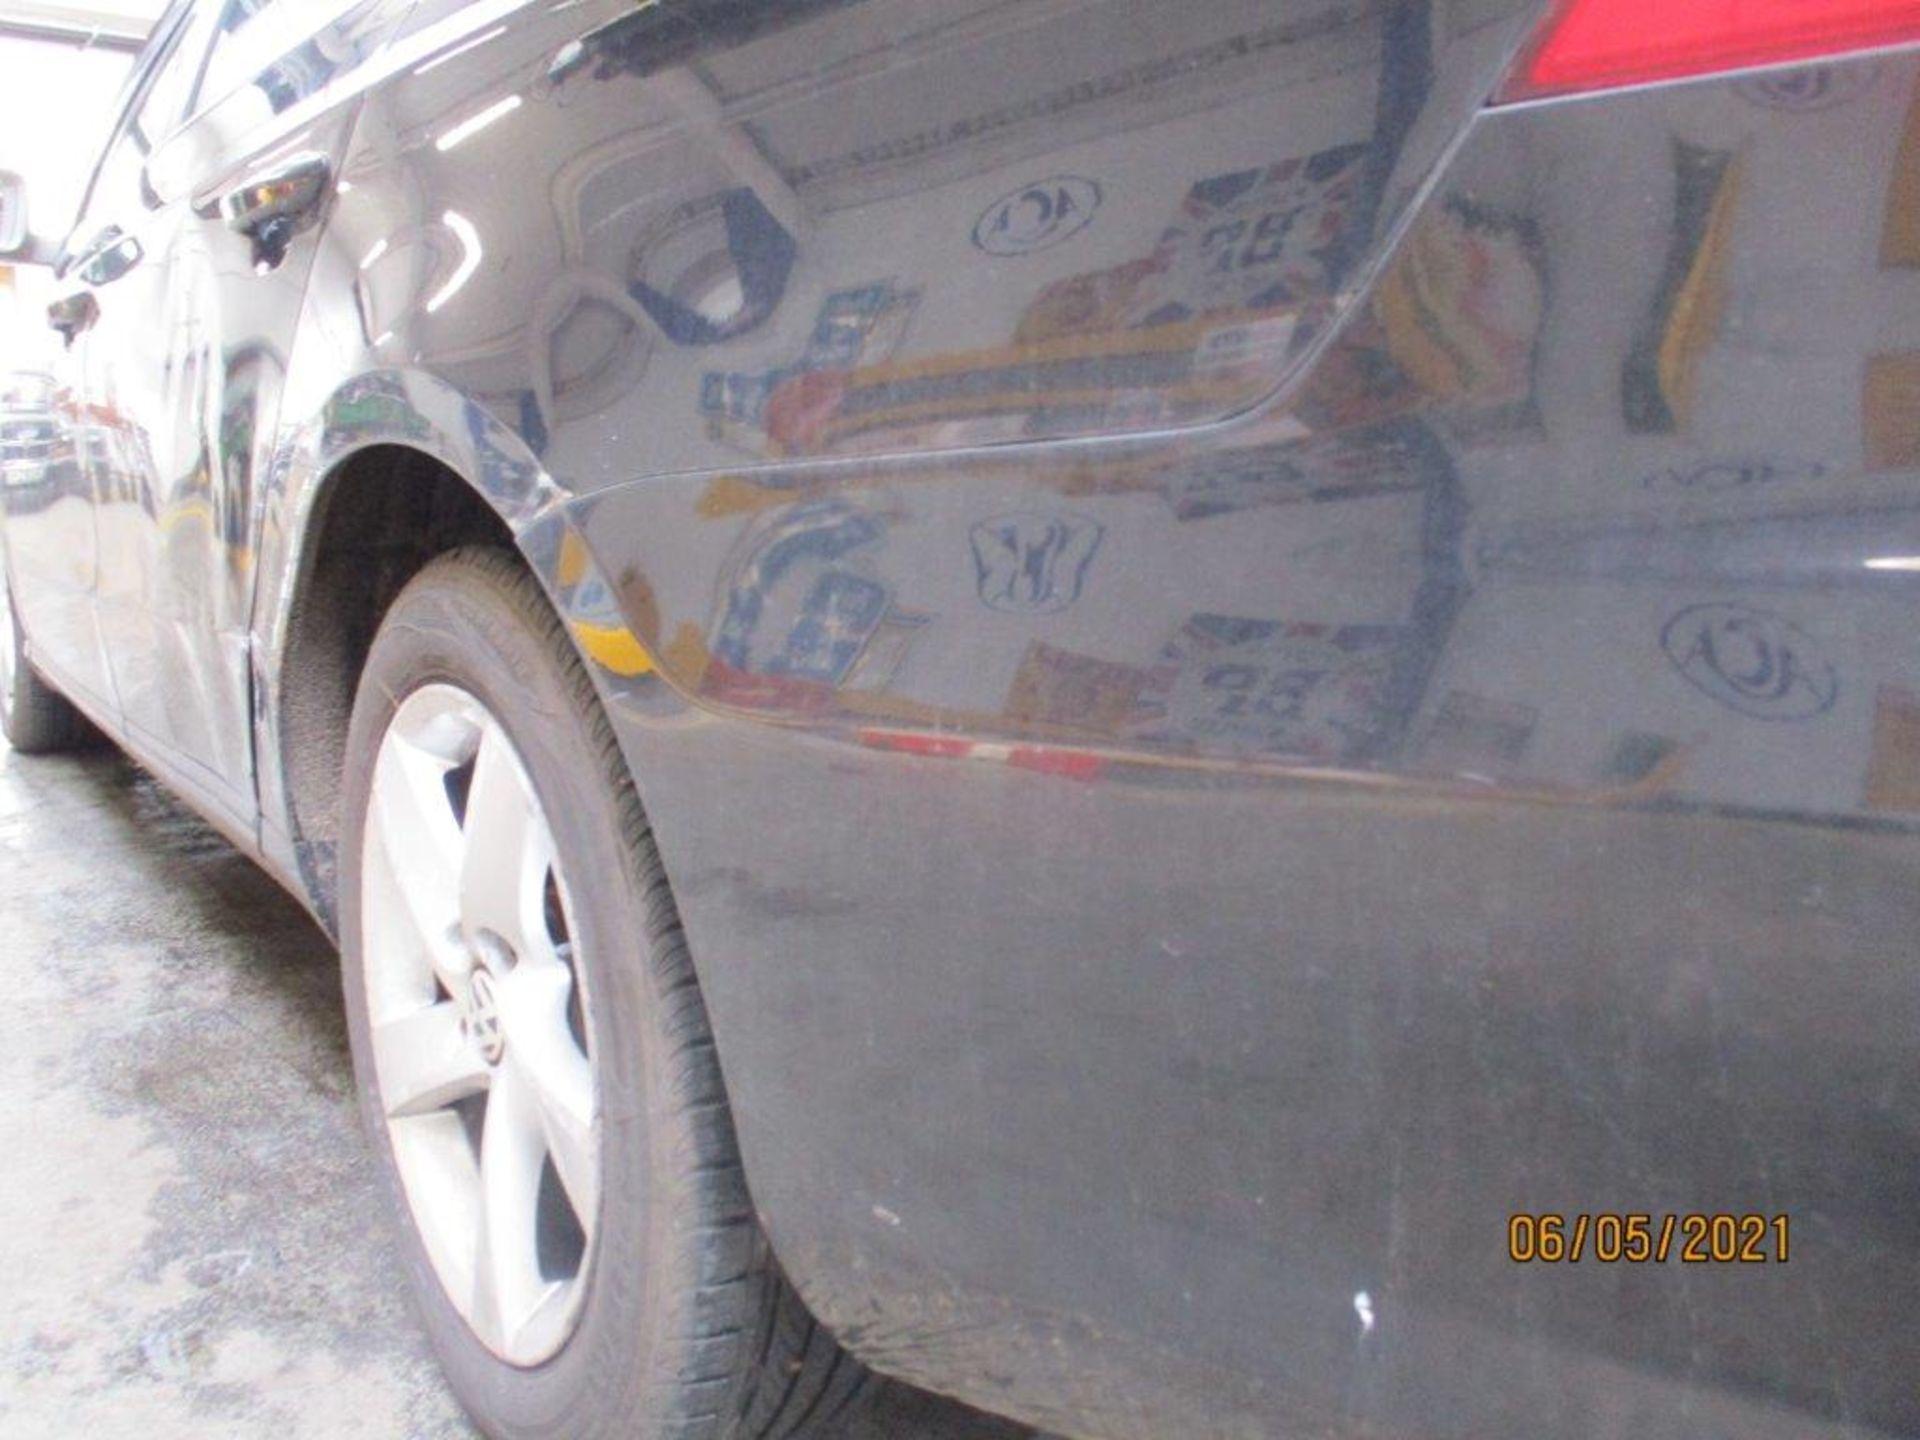 13 13 VW Passat S Bluemotion Tech - Image 23 of 29